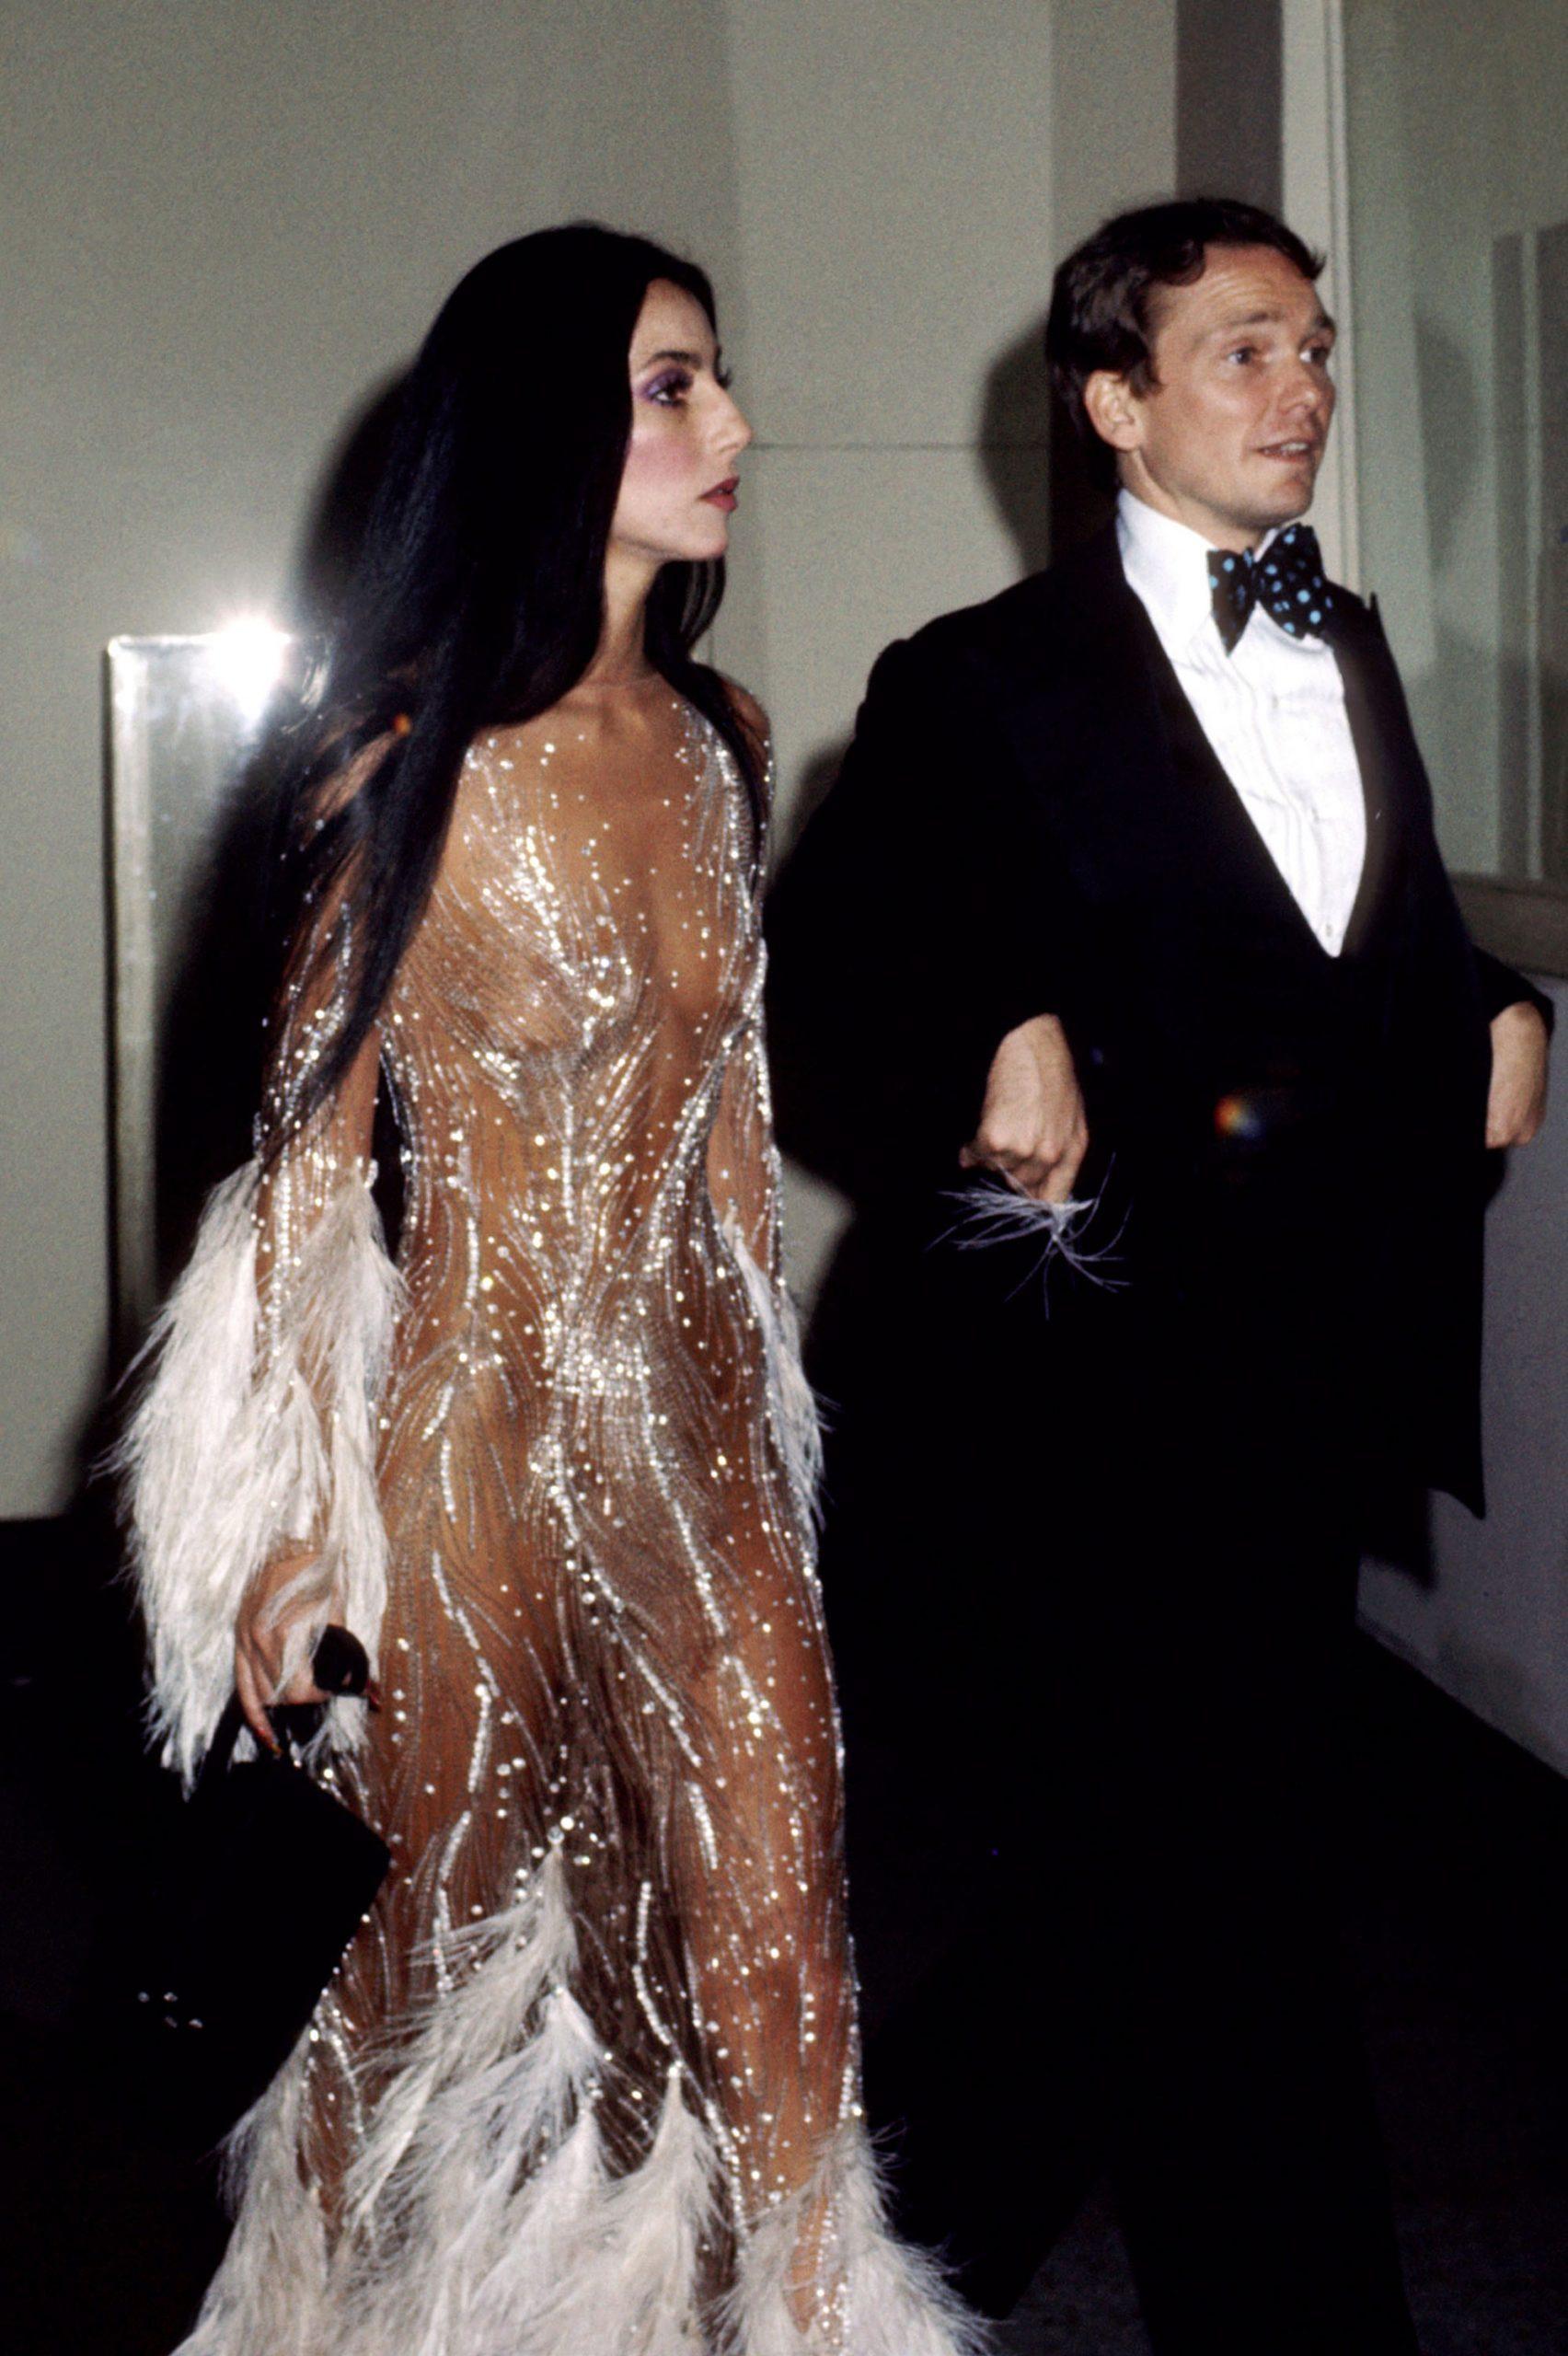 Cher naked dress - Neomag.